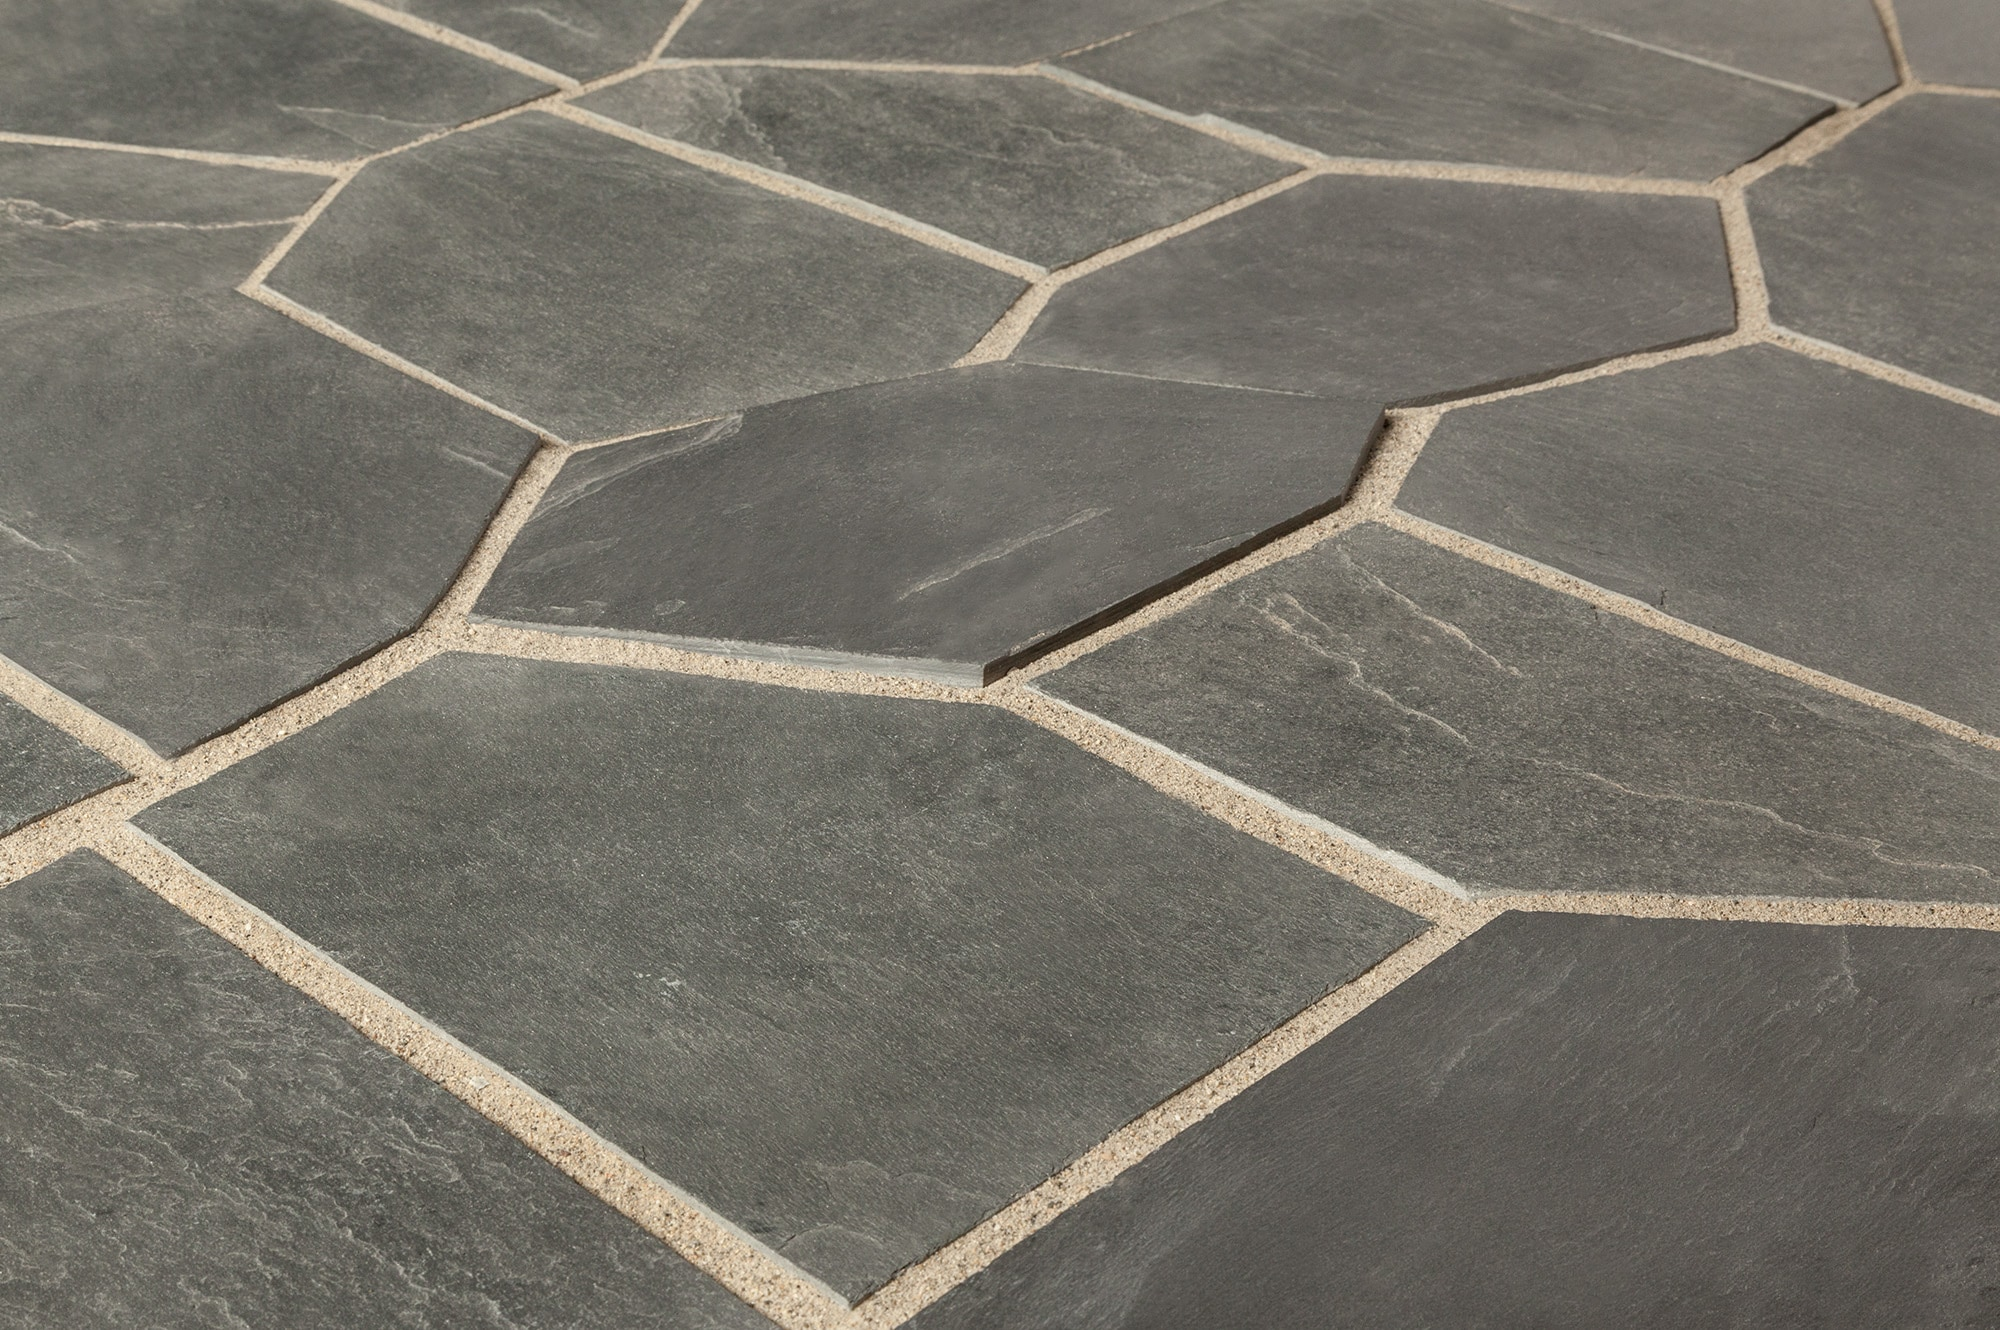 Roterra Slate Tile Meshed Back Patterns Silver Black